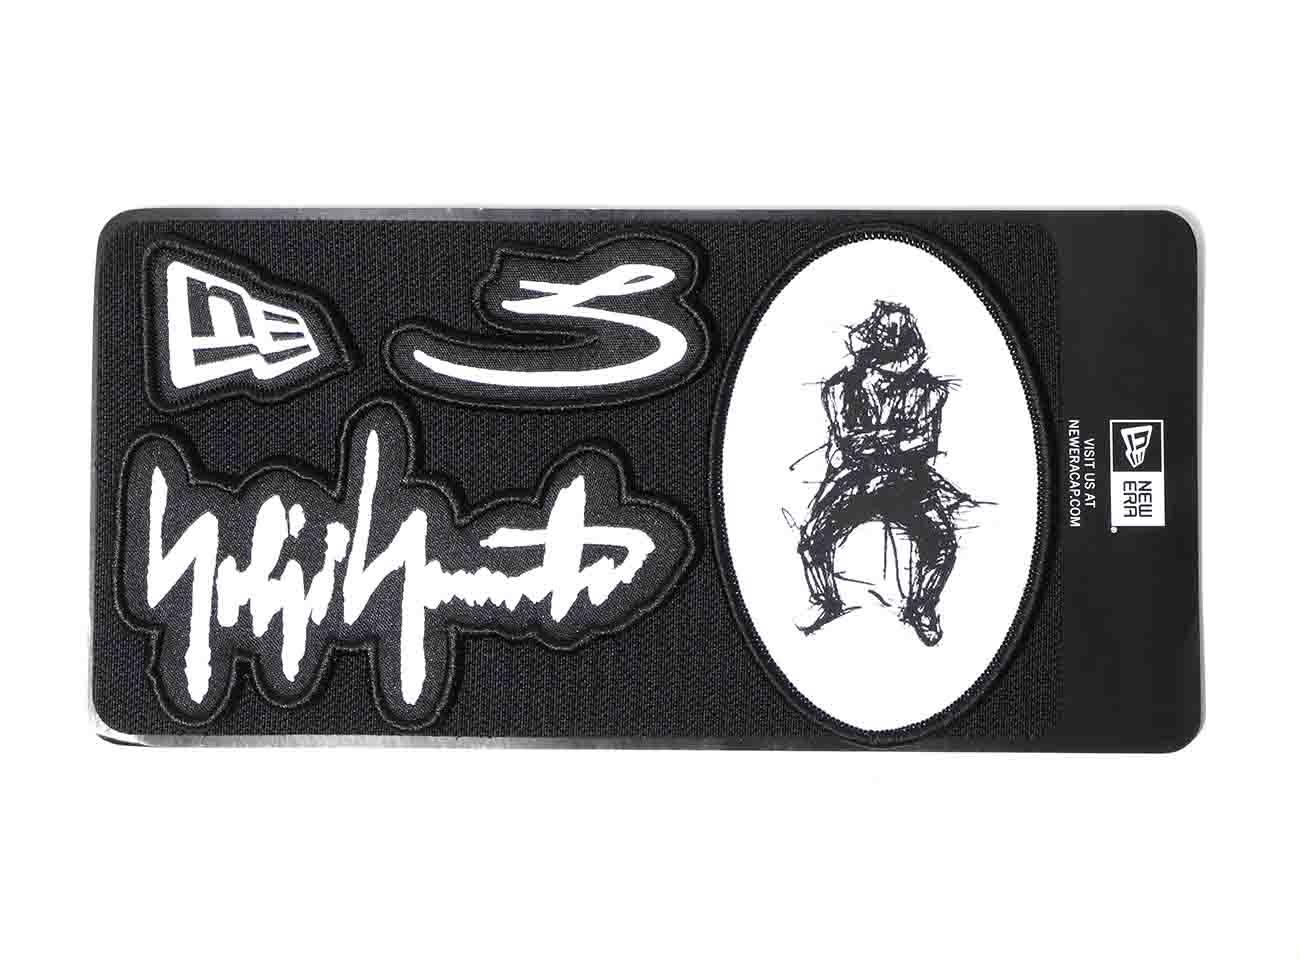 Yohji Yamamoto × New Era 59FIFTY BLACK SERGE VELCRO PATCH 100TH